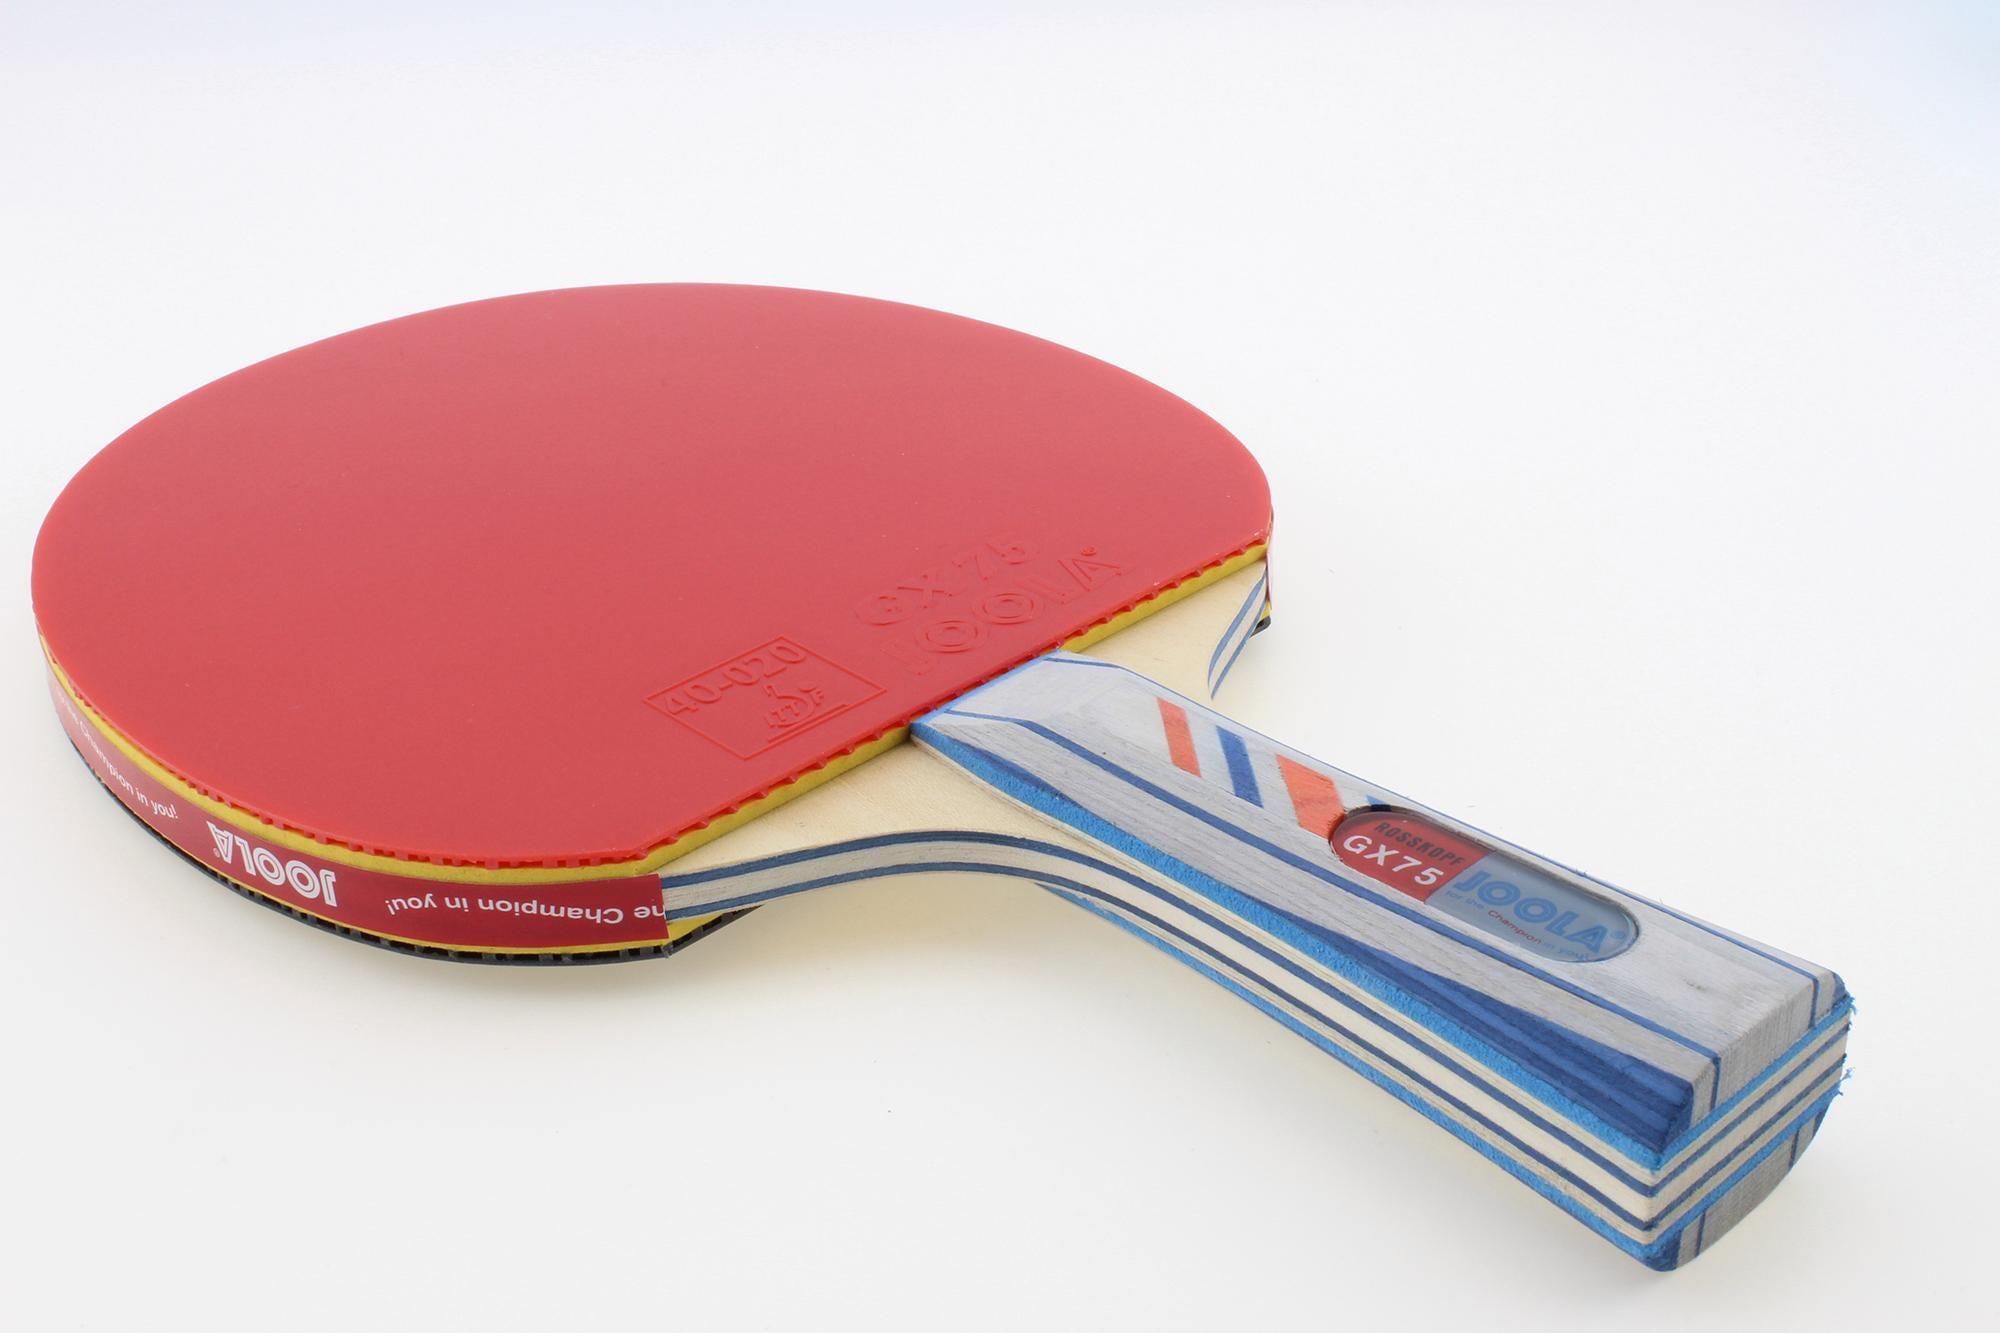 Joola Tischtennisschläger Rosskopf GX 75 (Set 3-tlg mit Bällen) Technik & Freizeit/Sport & Freizeit/Sportarten/Tischtennis/Tischtennis-Ausrüstung